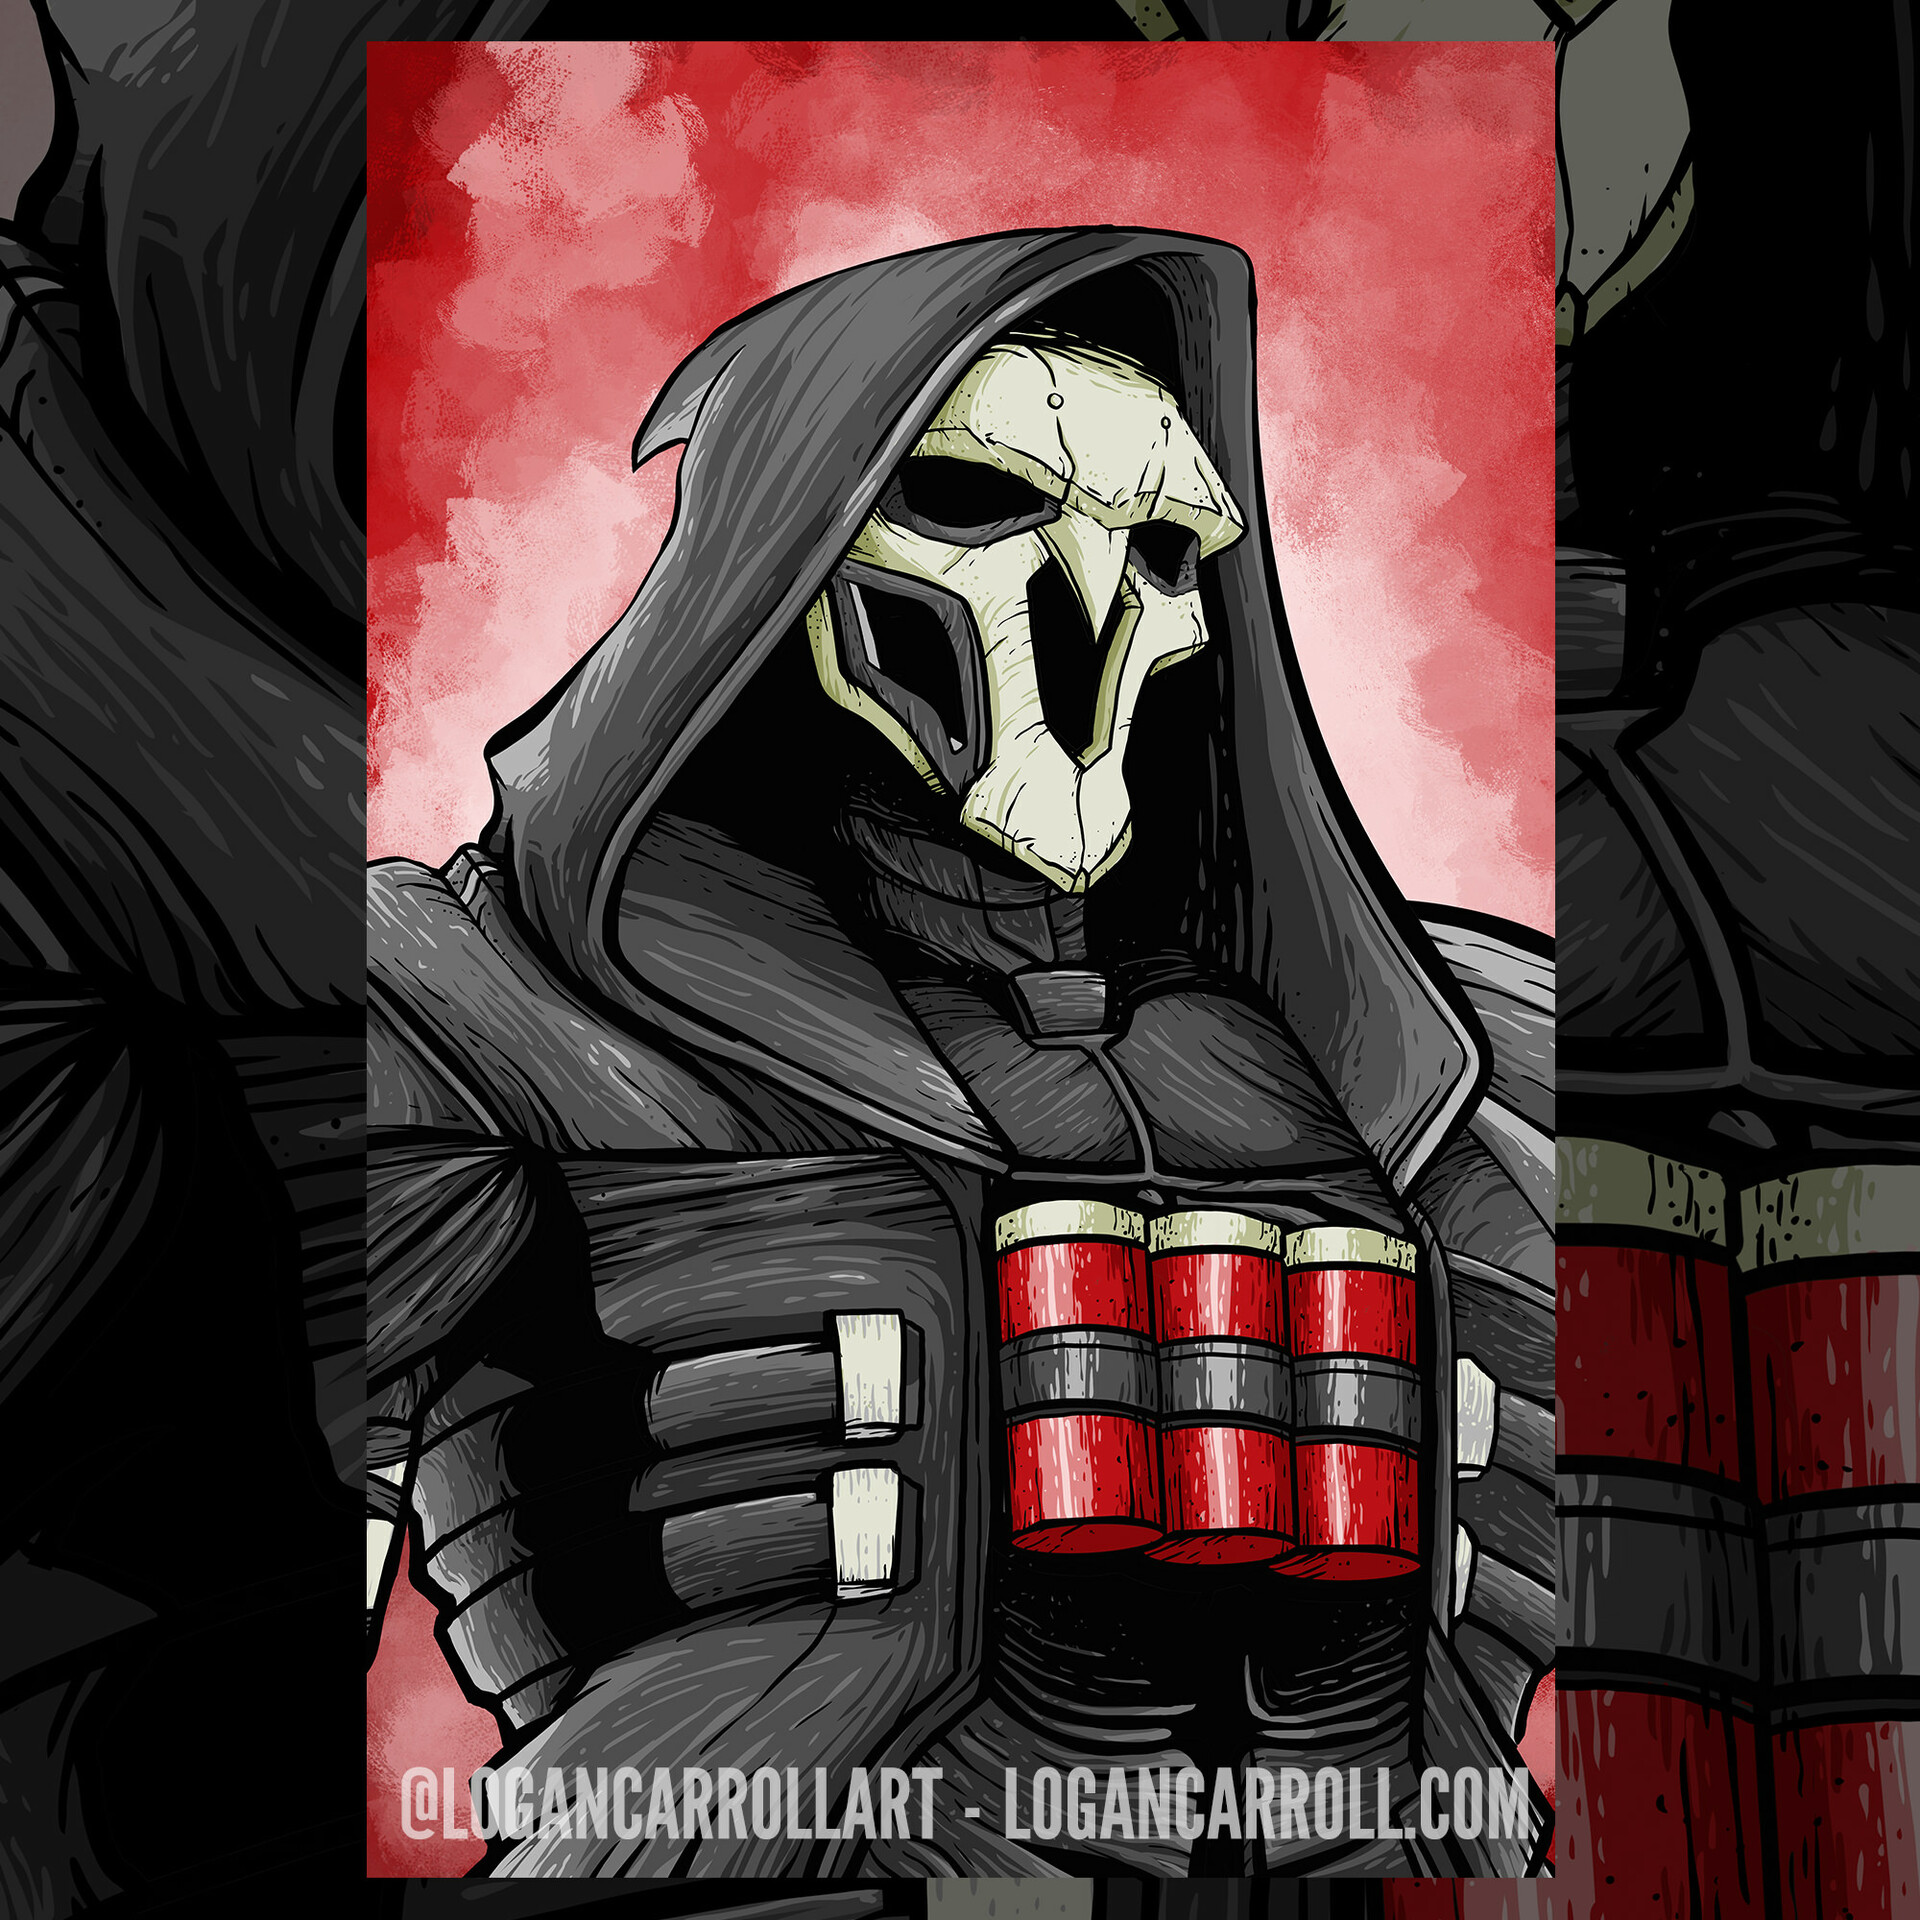 Logan carroll reaper